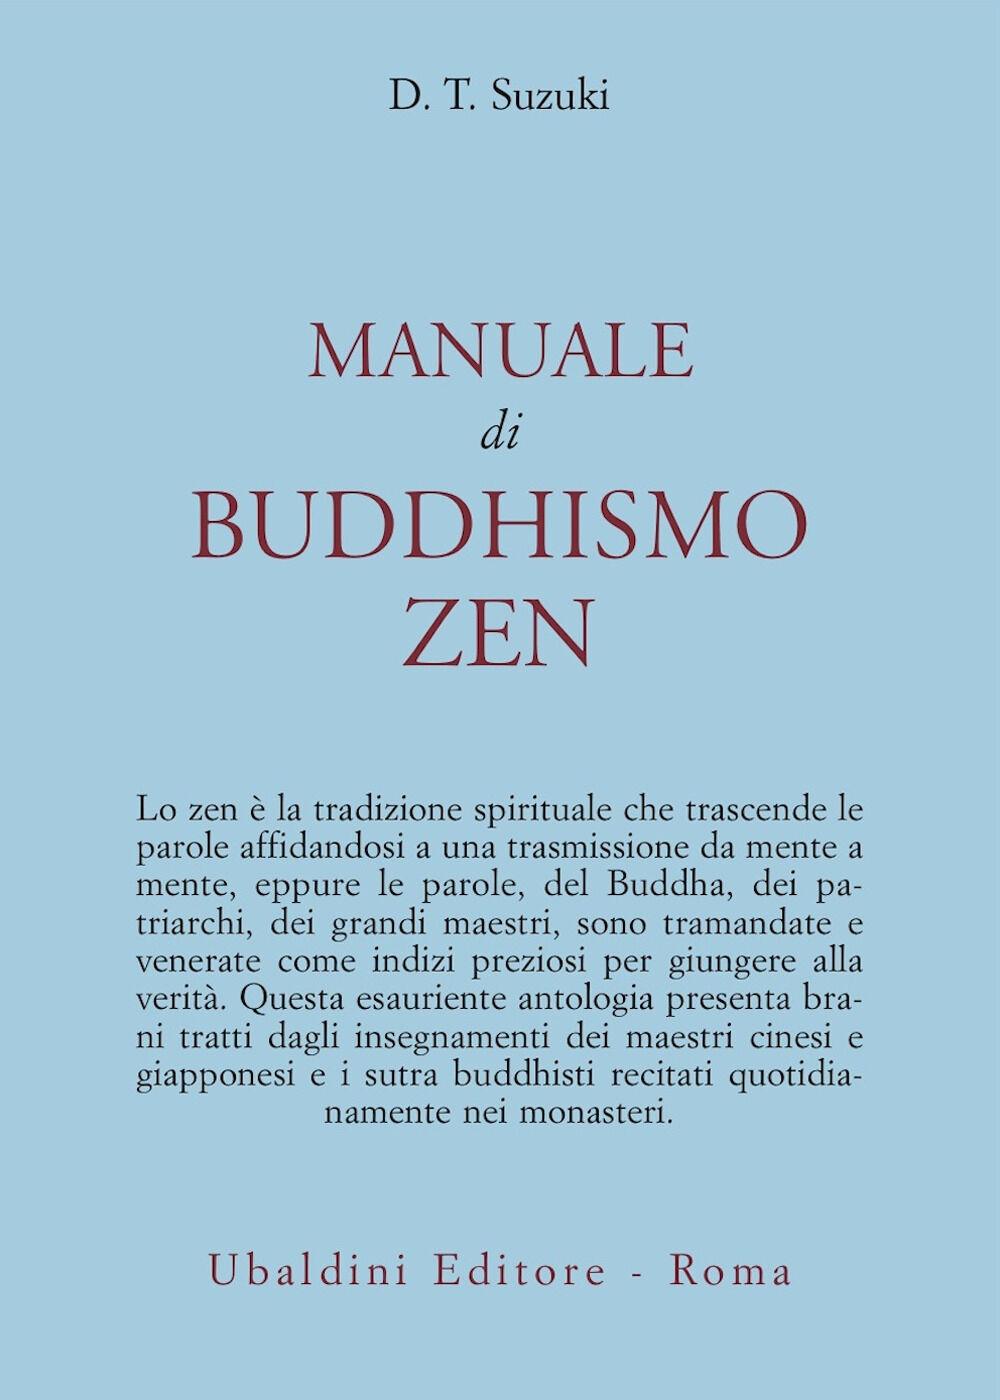 Manuale di buddhismo zen